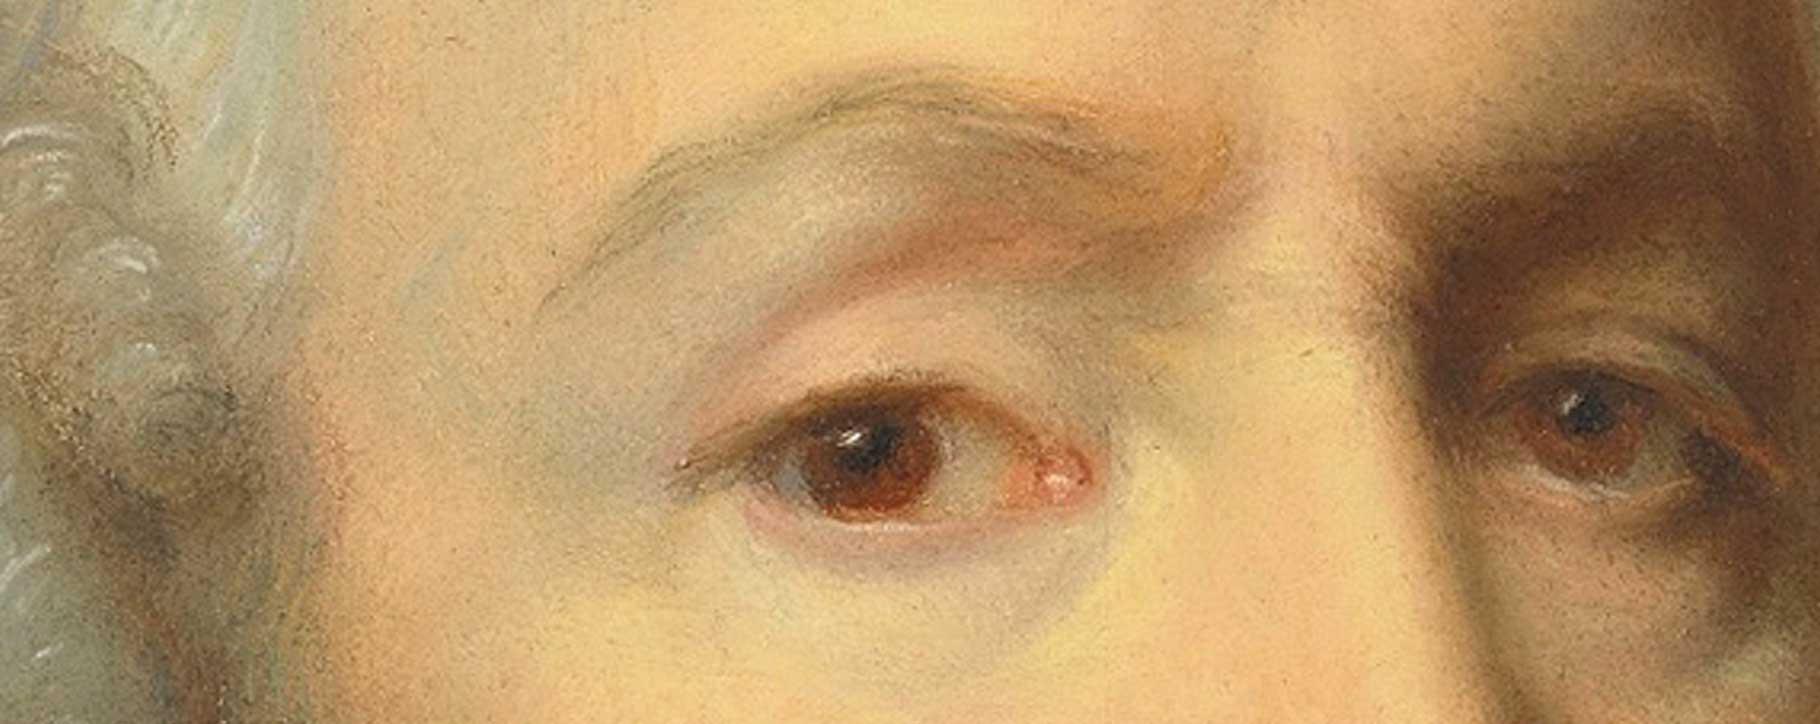 pastel close up of eyes